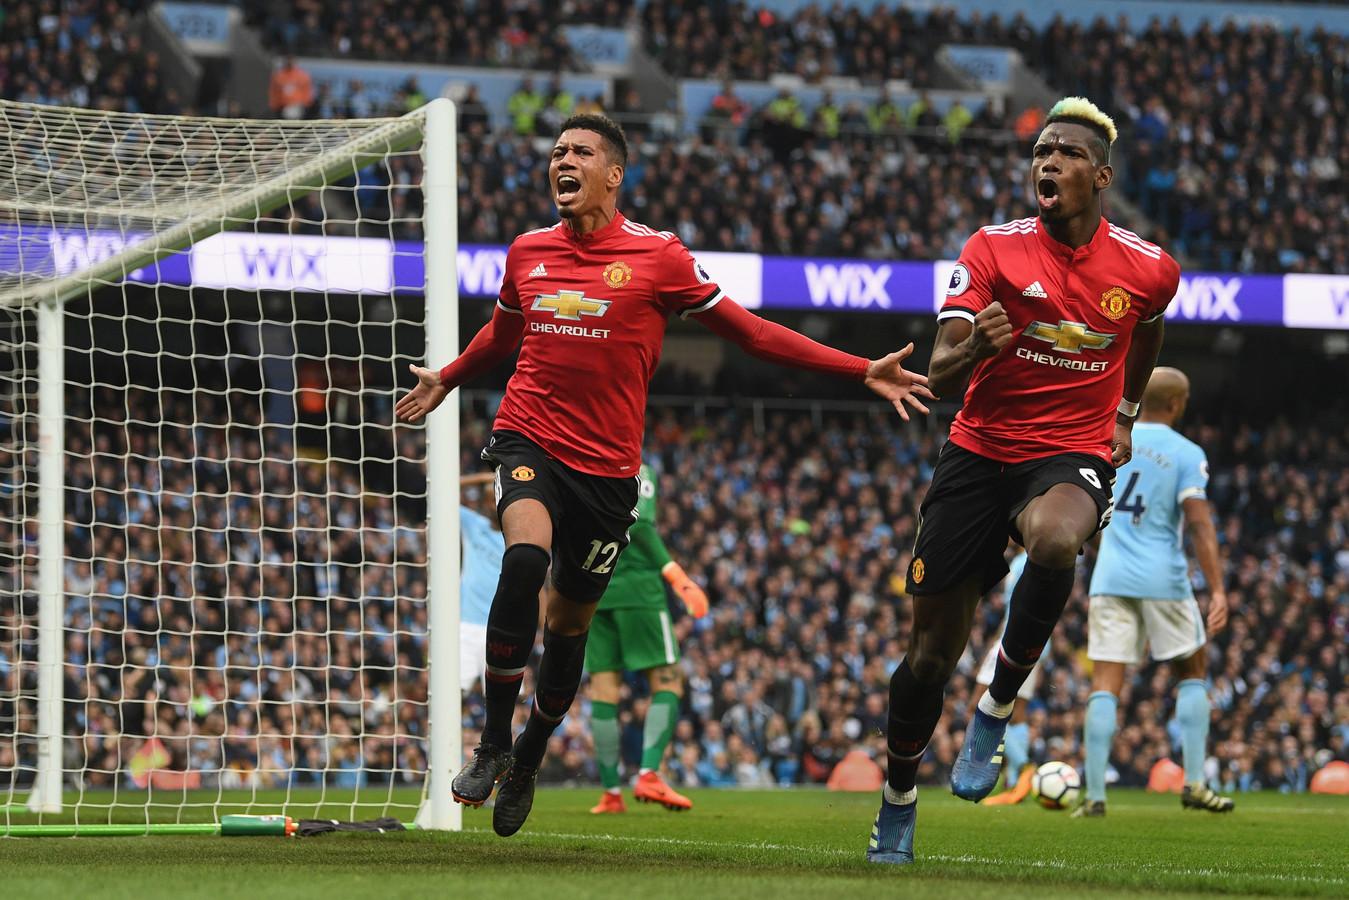 Manchester United won op 7 april 2018 met 2-3 bij Manchester City, dat daardoor het titelfeest een week moest uitstellen.